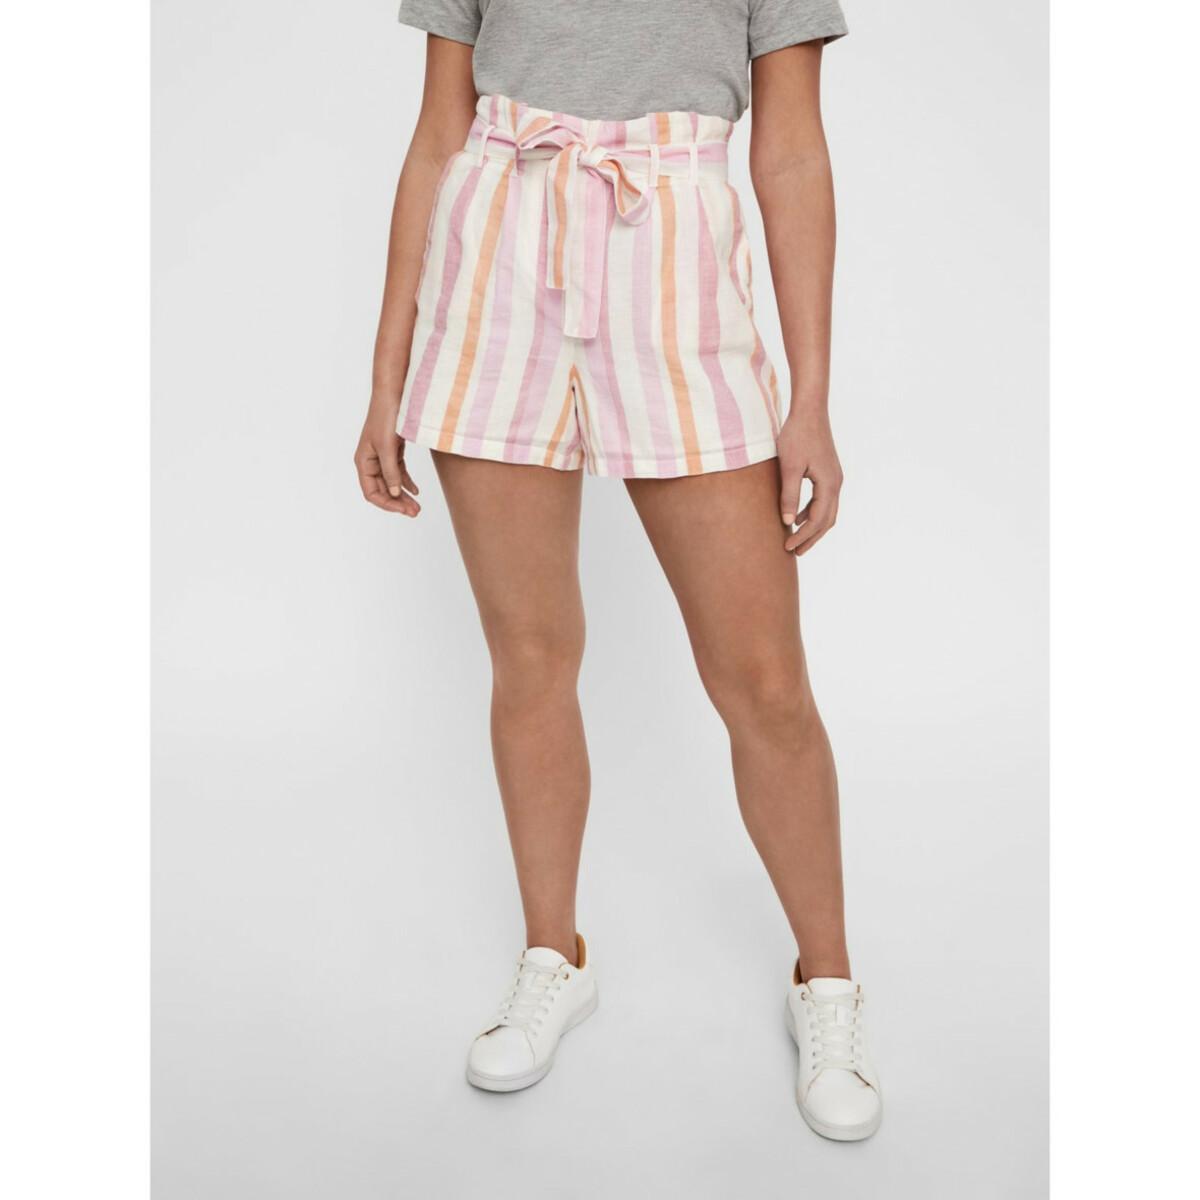 Bild 2 von Damen Vero Moda Shorts mit Streifen